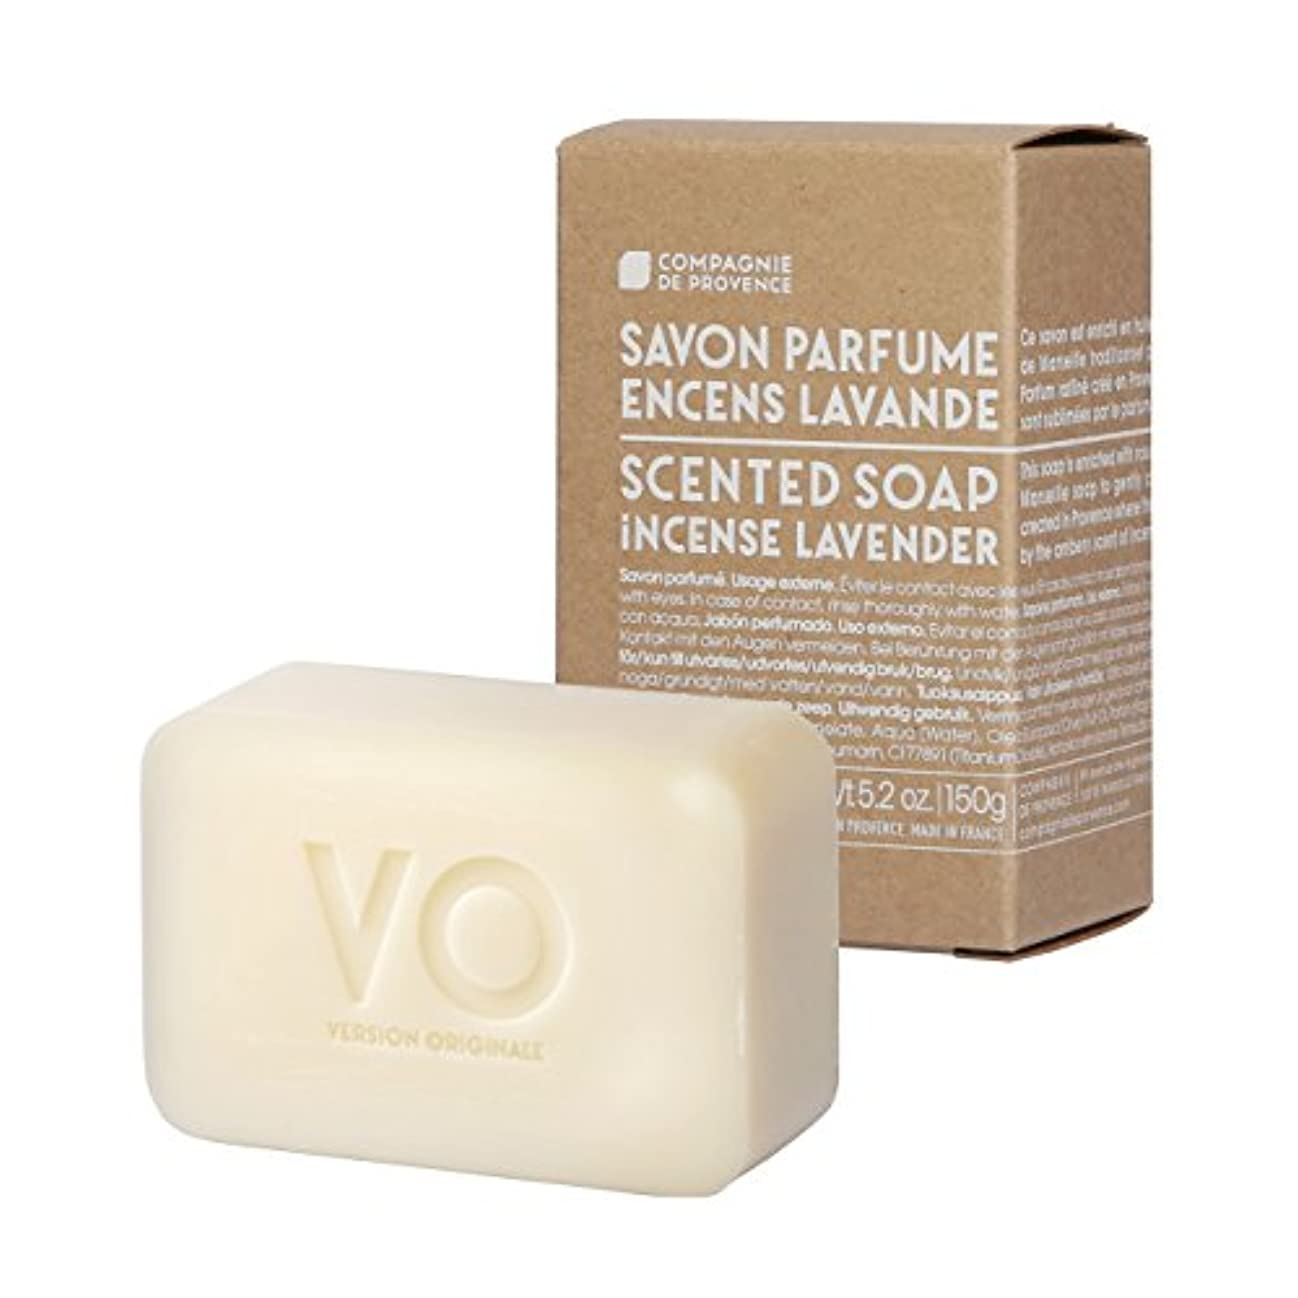 パズル従順な代わってカンパニードプロバンス バージョンオリジナル センティッドソープ インセンスラベンダー(ラベンダーとお香の香り) 150g